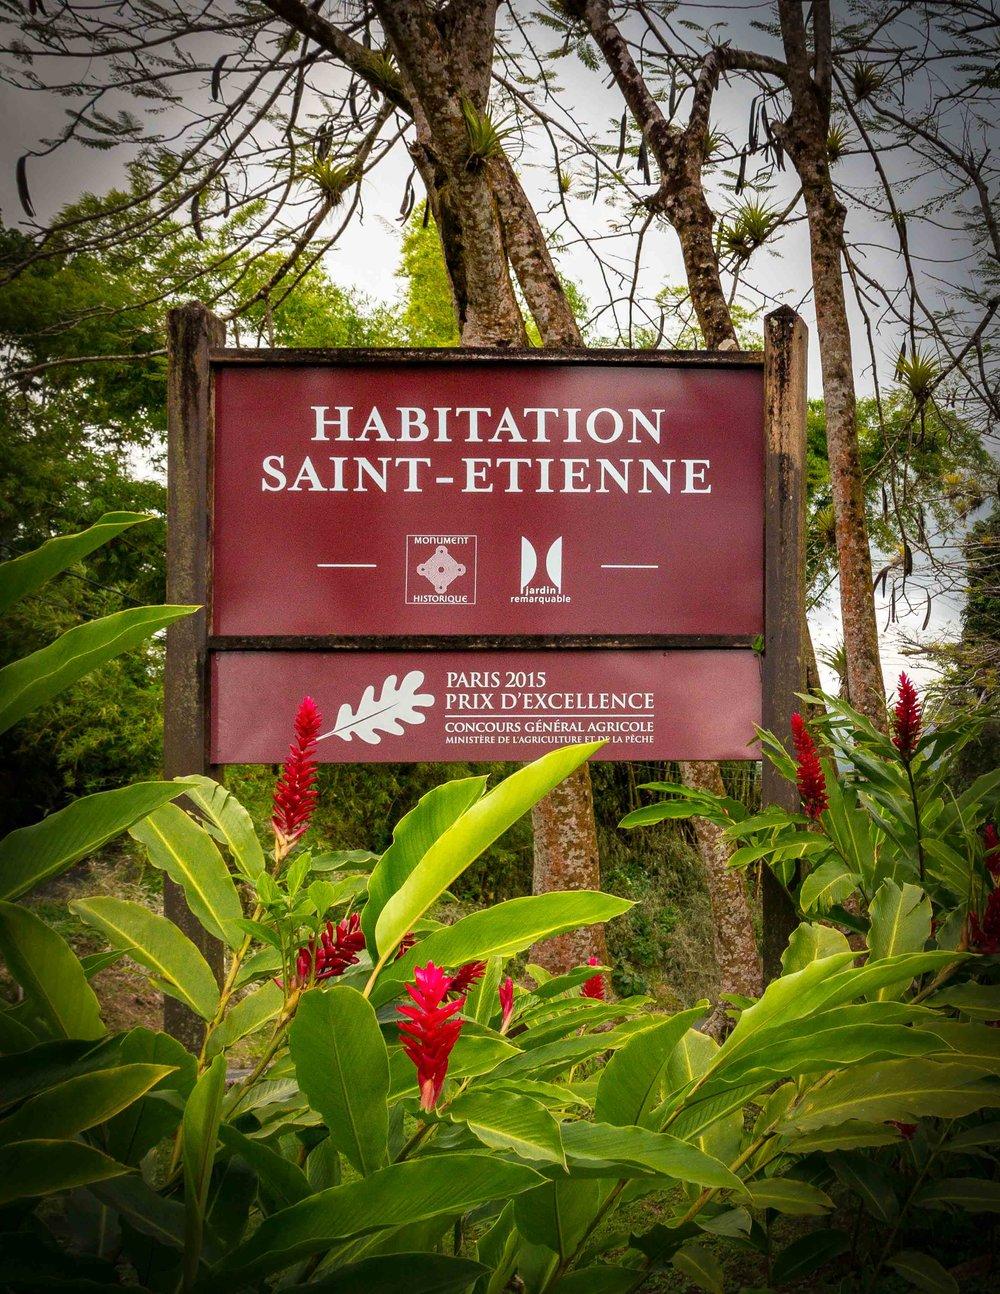 Martinique, Habitation Saint-Etienne, HSE